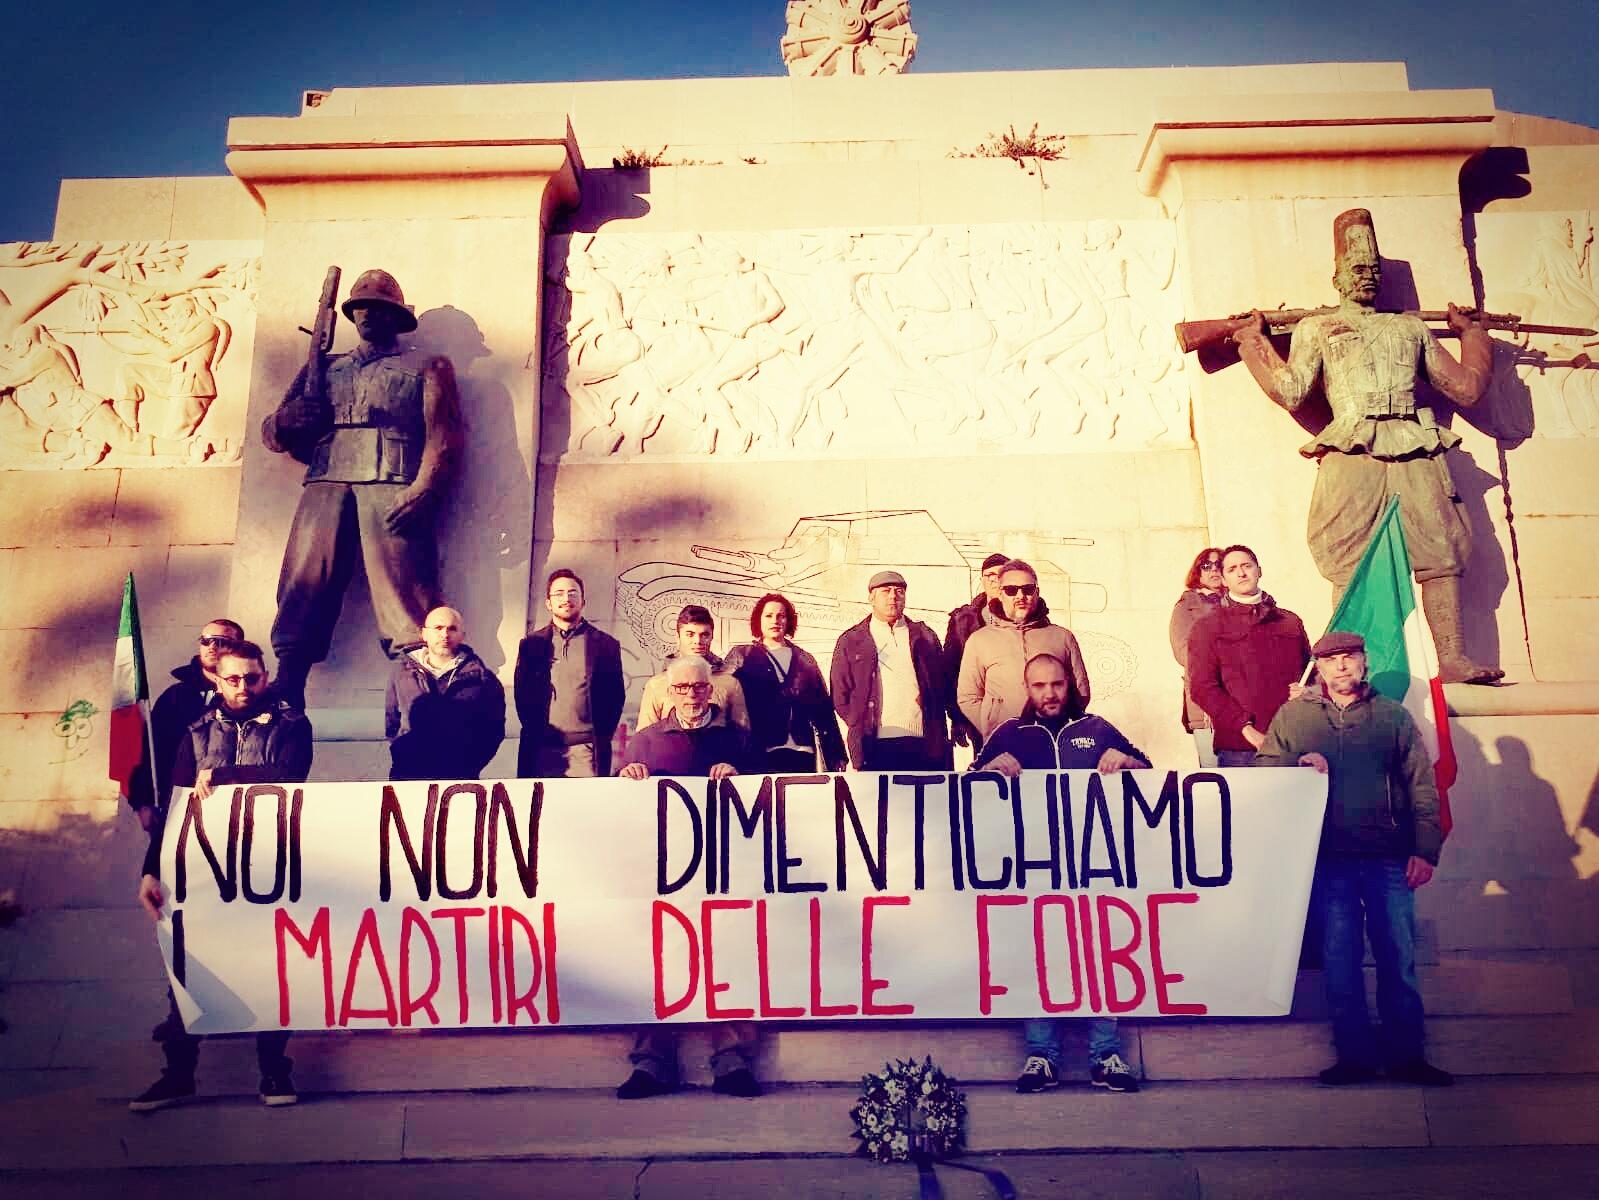 CASAPOUND RICORDA MIGLIAIA DI ITALIANI UCCISI A GUERRA FINITA DAI COMUNISTI DI TITO